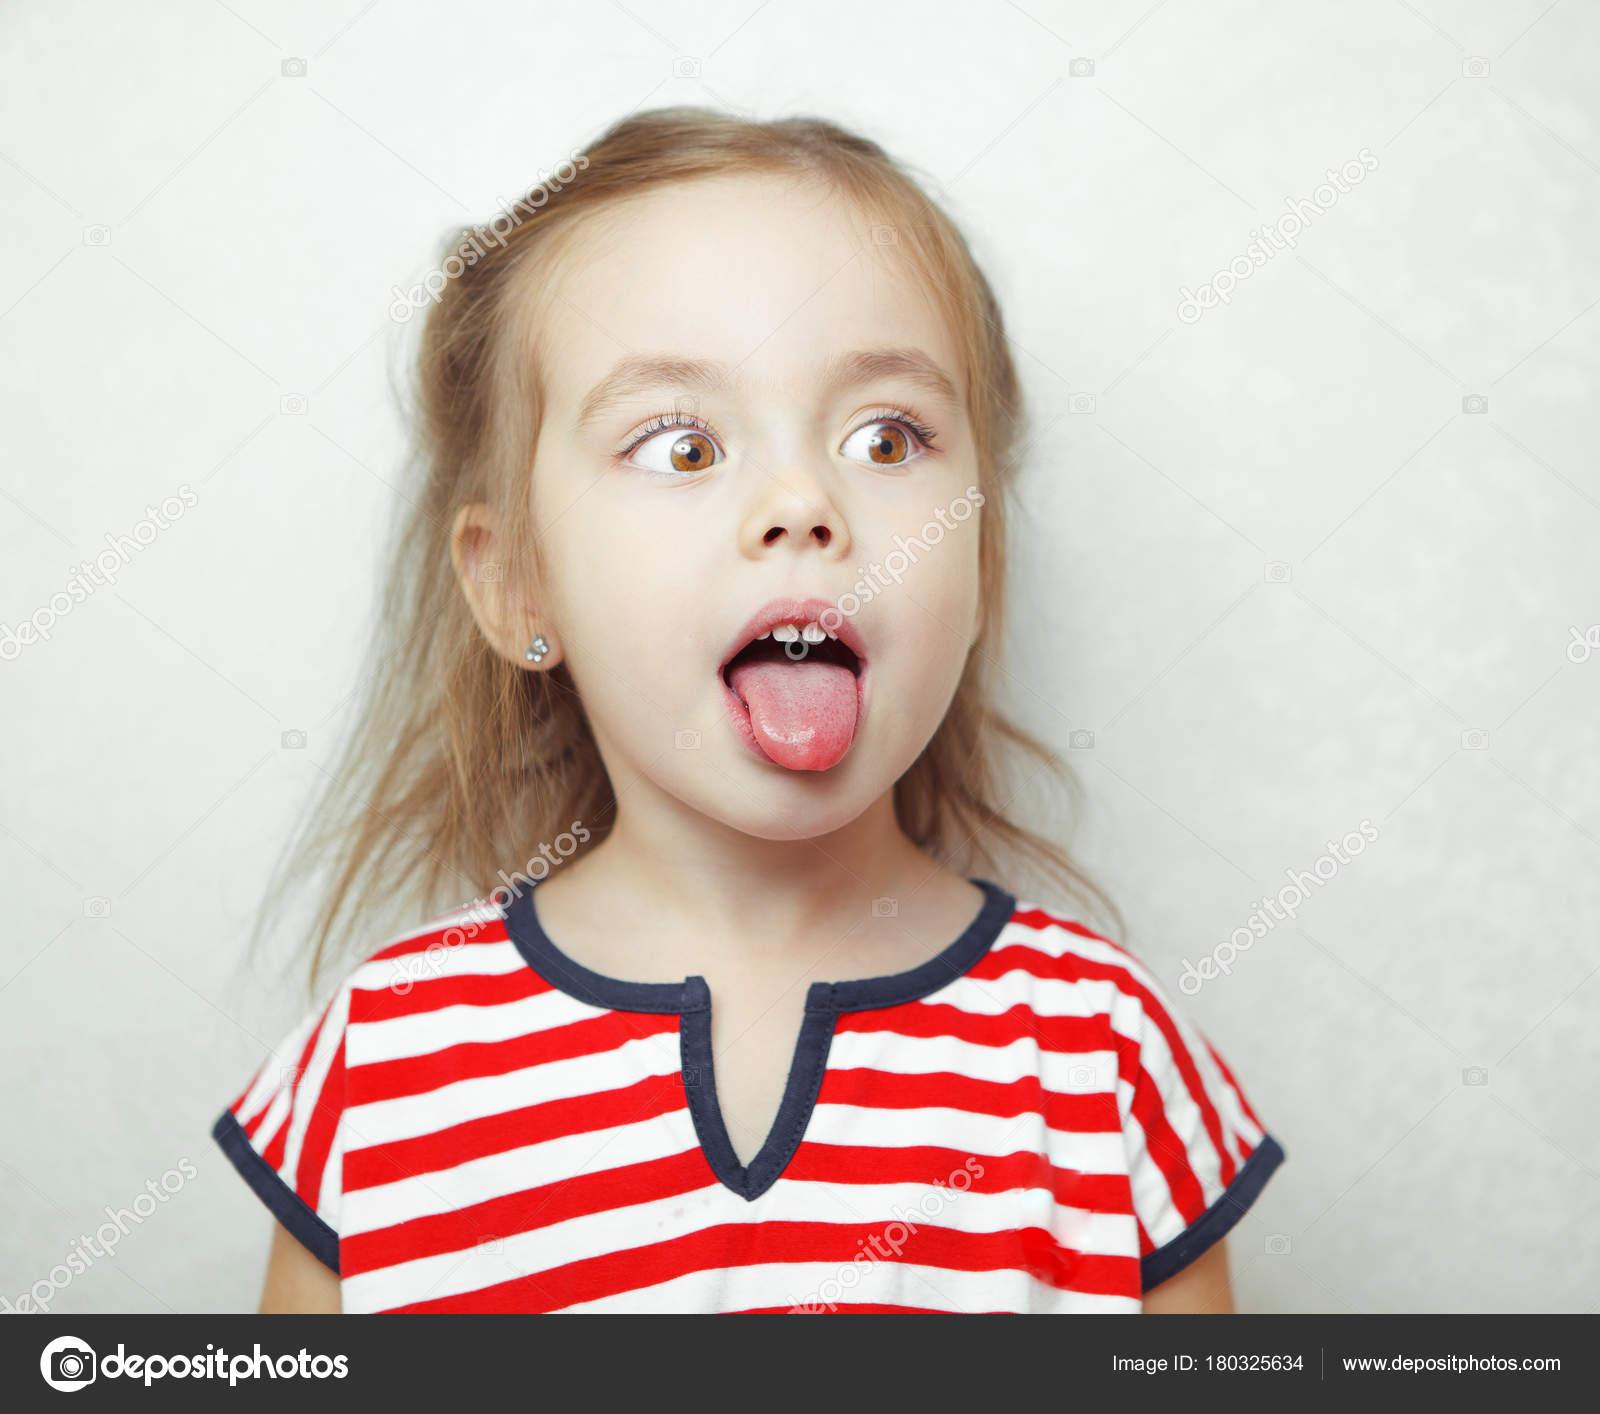 Adorablr kleines Mädchen zieht ihr die Zunge heraus und